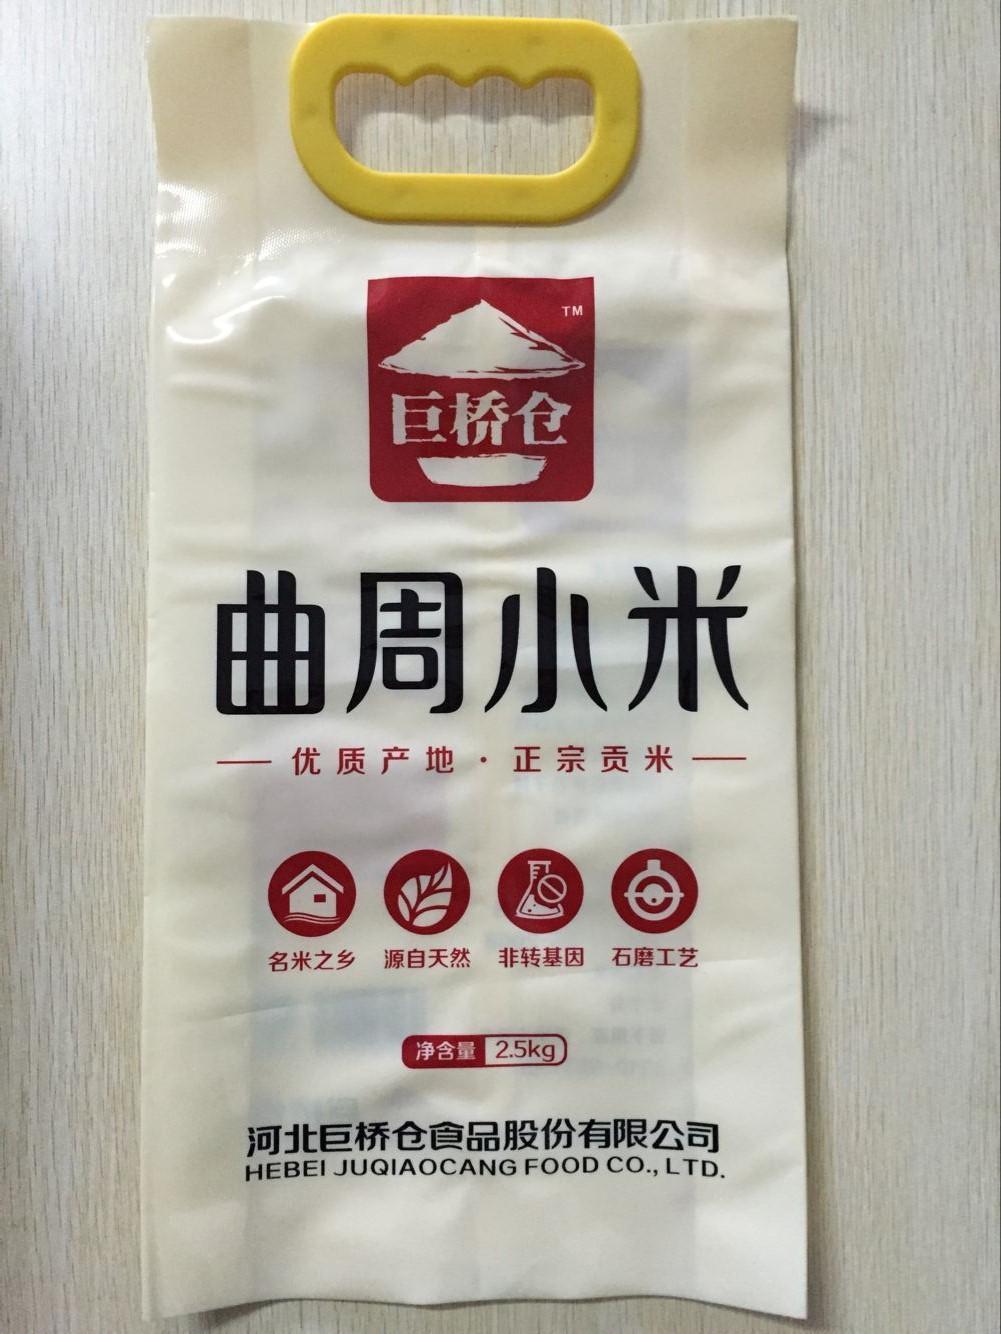 定制哈尔滨大米包装袋 4